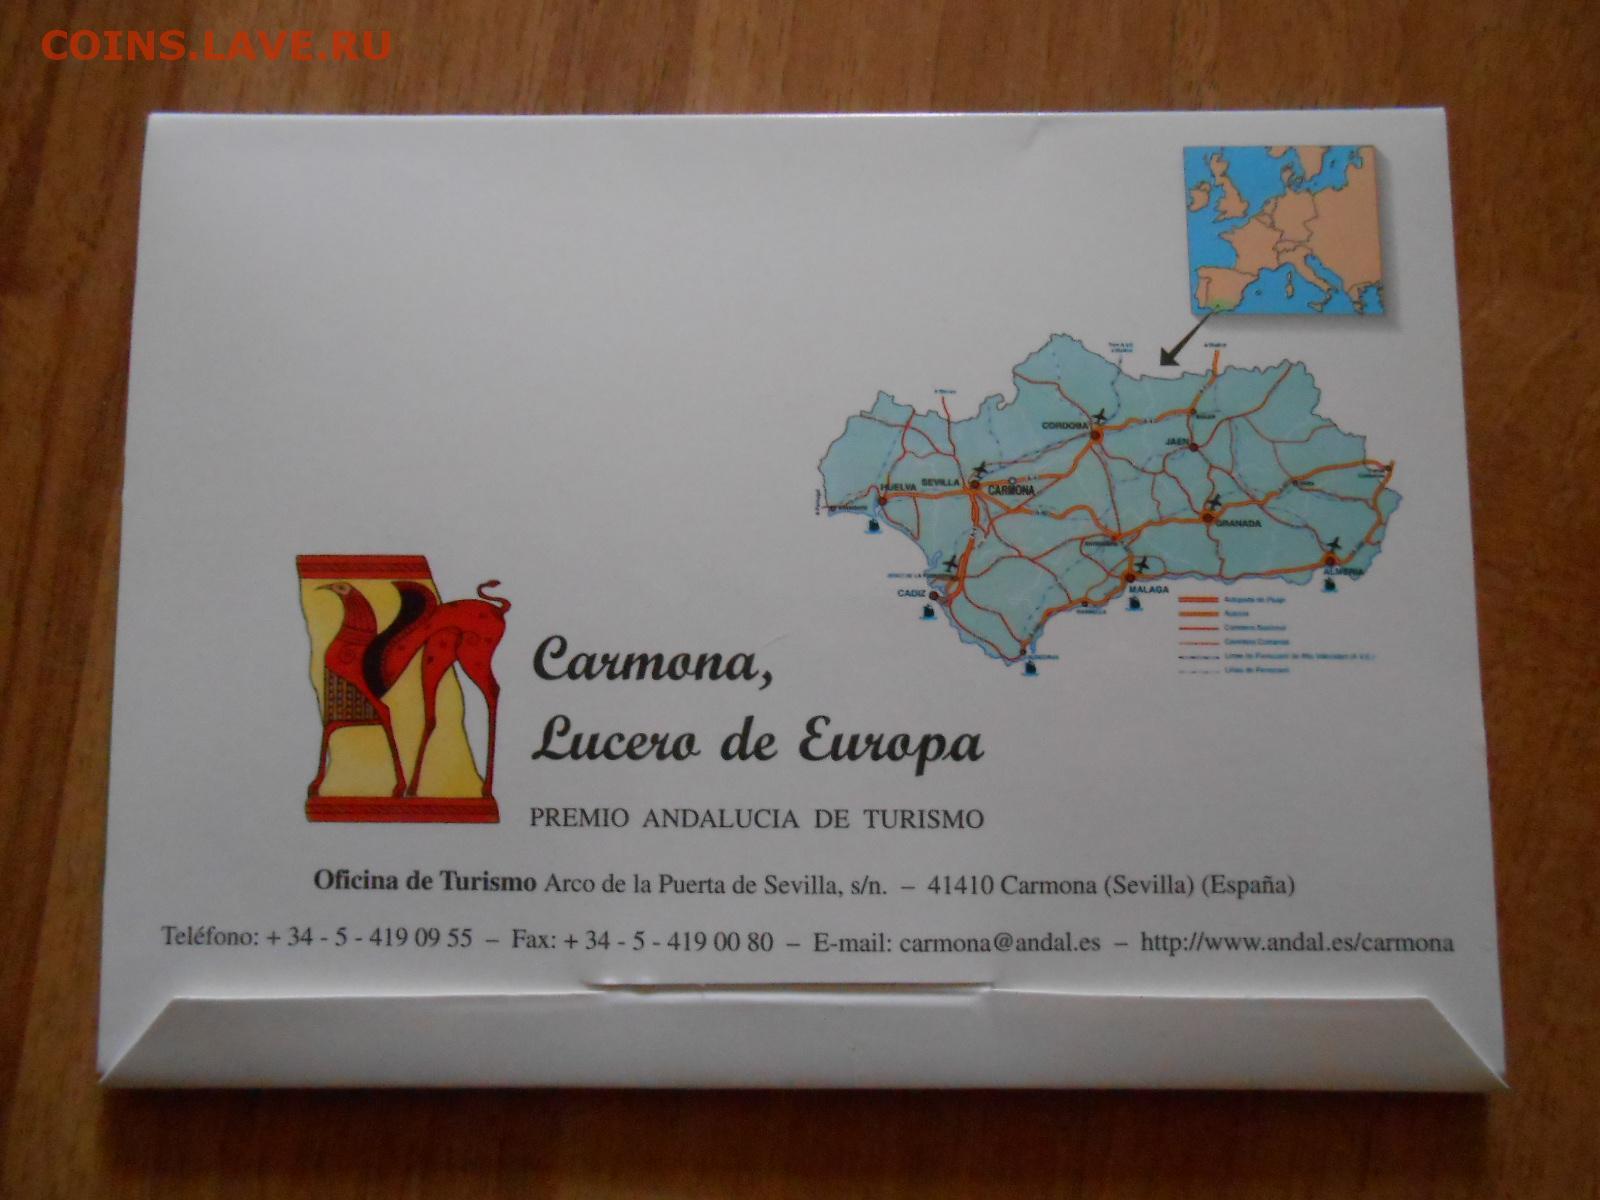 соплеменников-кабриолетов, как отправлять открытки из испании такой контраст